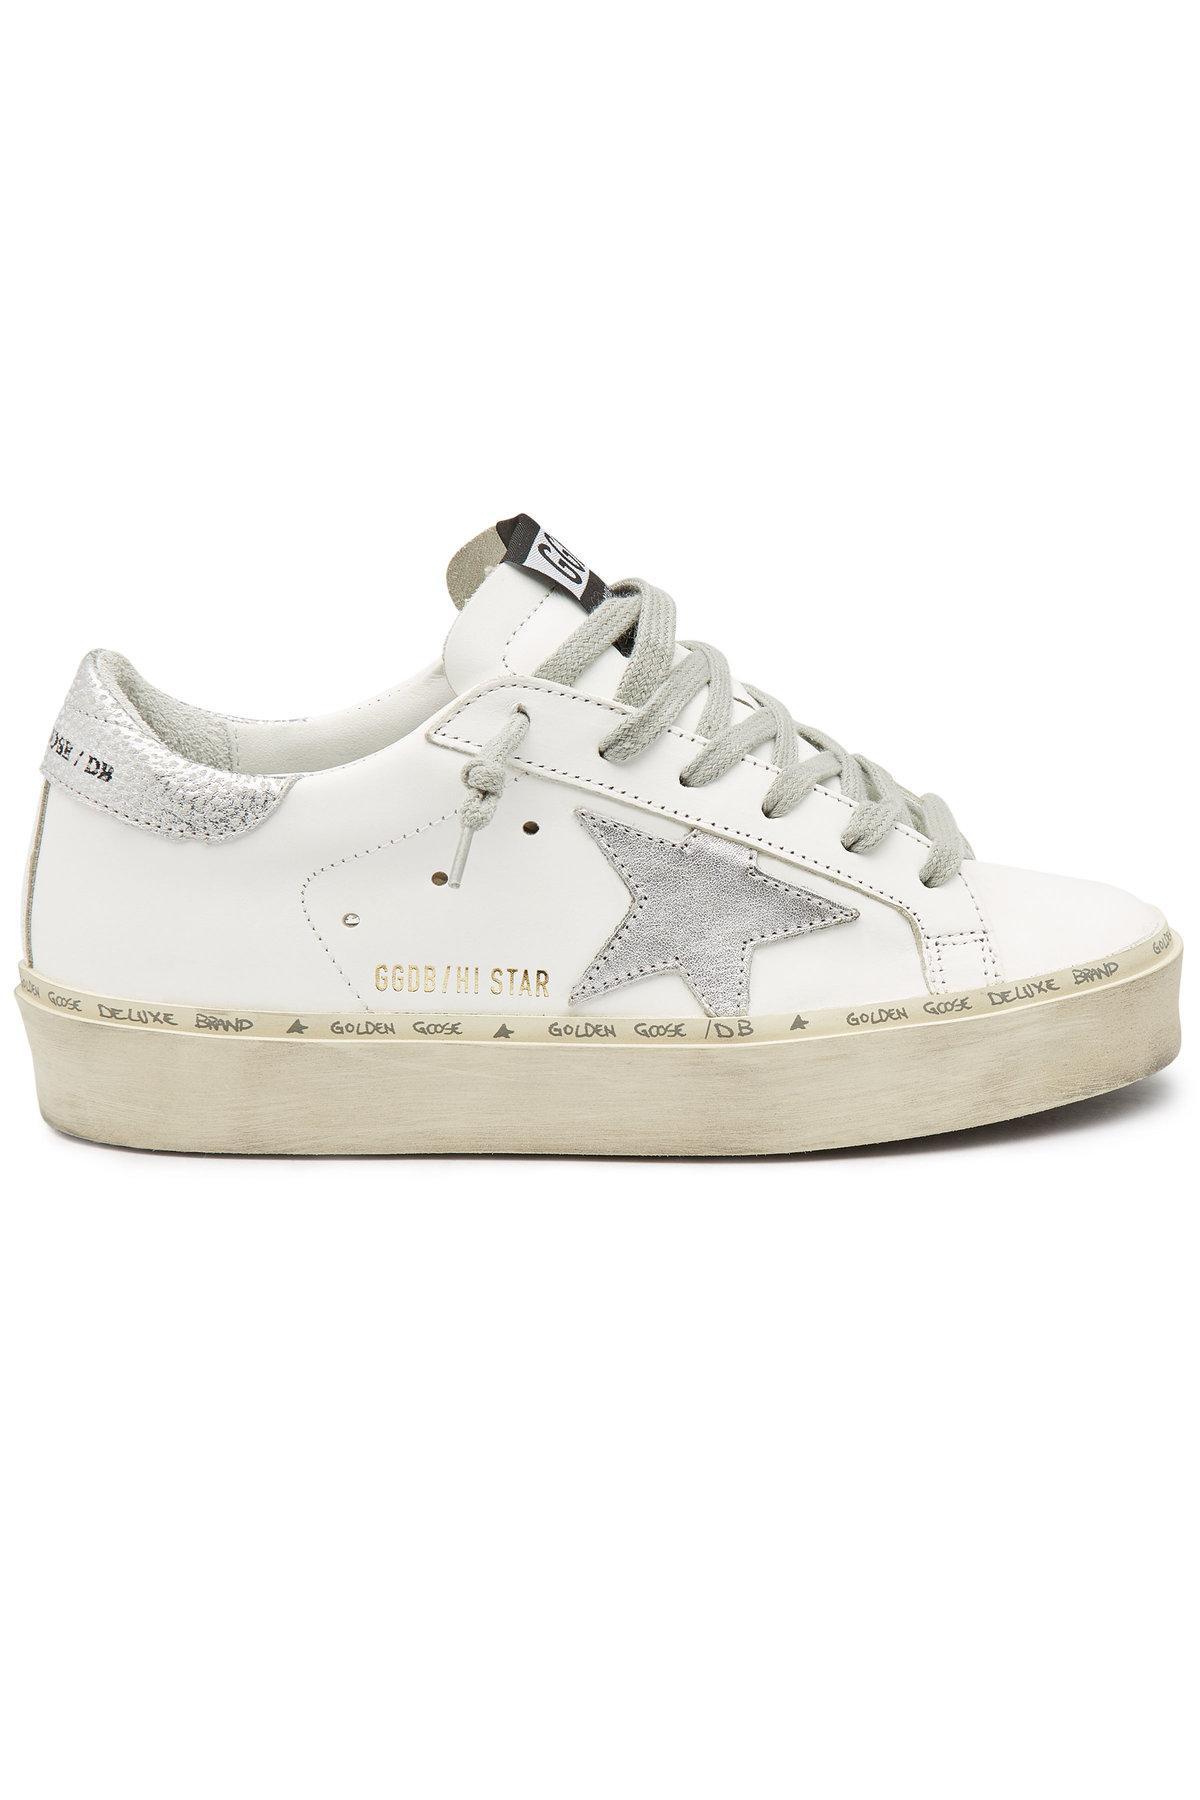 1042fba14f45 Lyst - Golden Goose Deluxe Brand Hi Star Leather Platform Sneakers ...